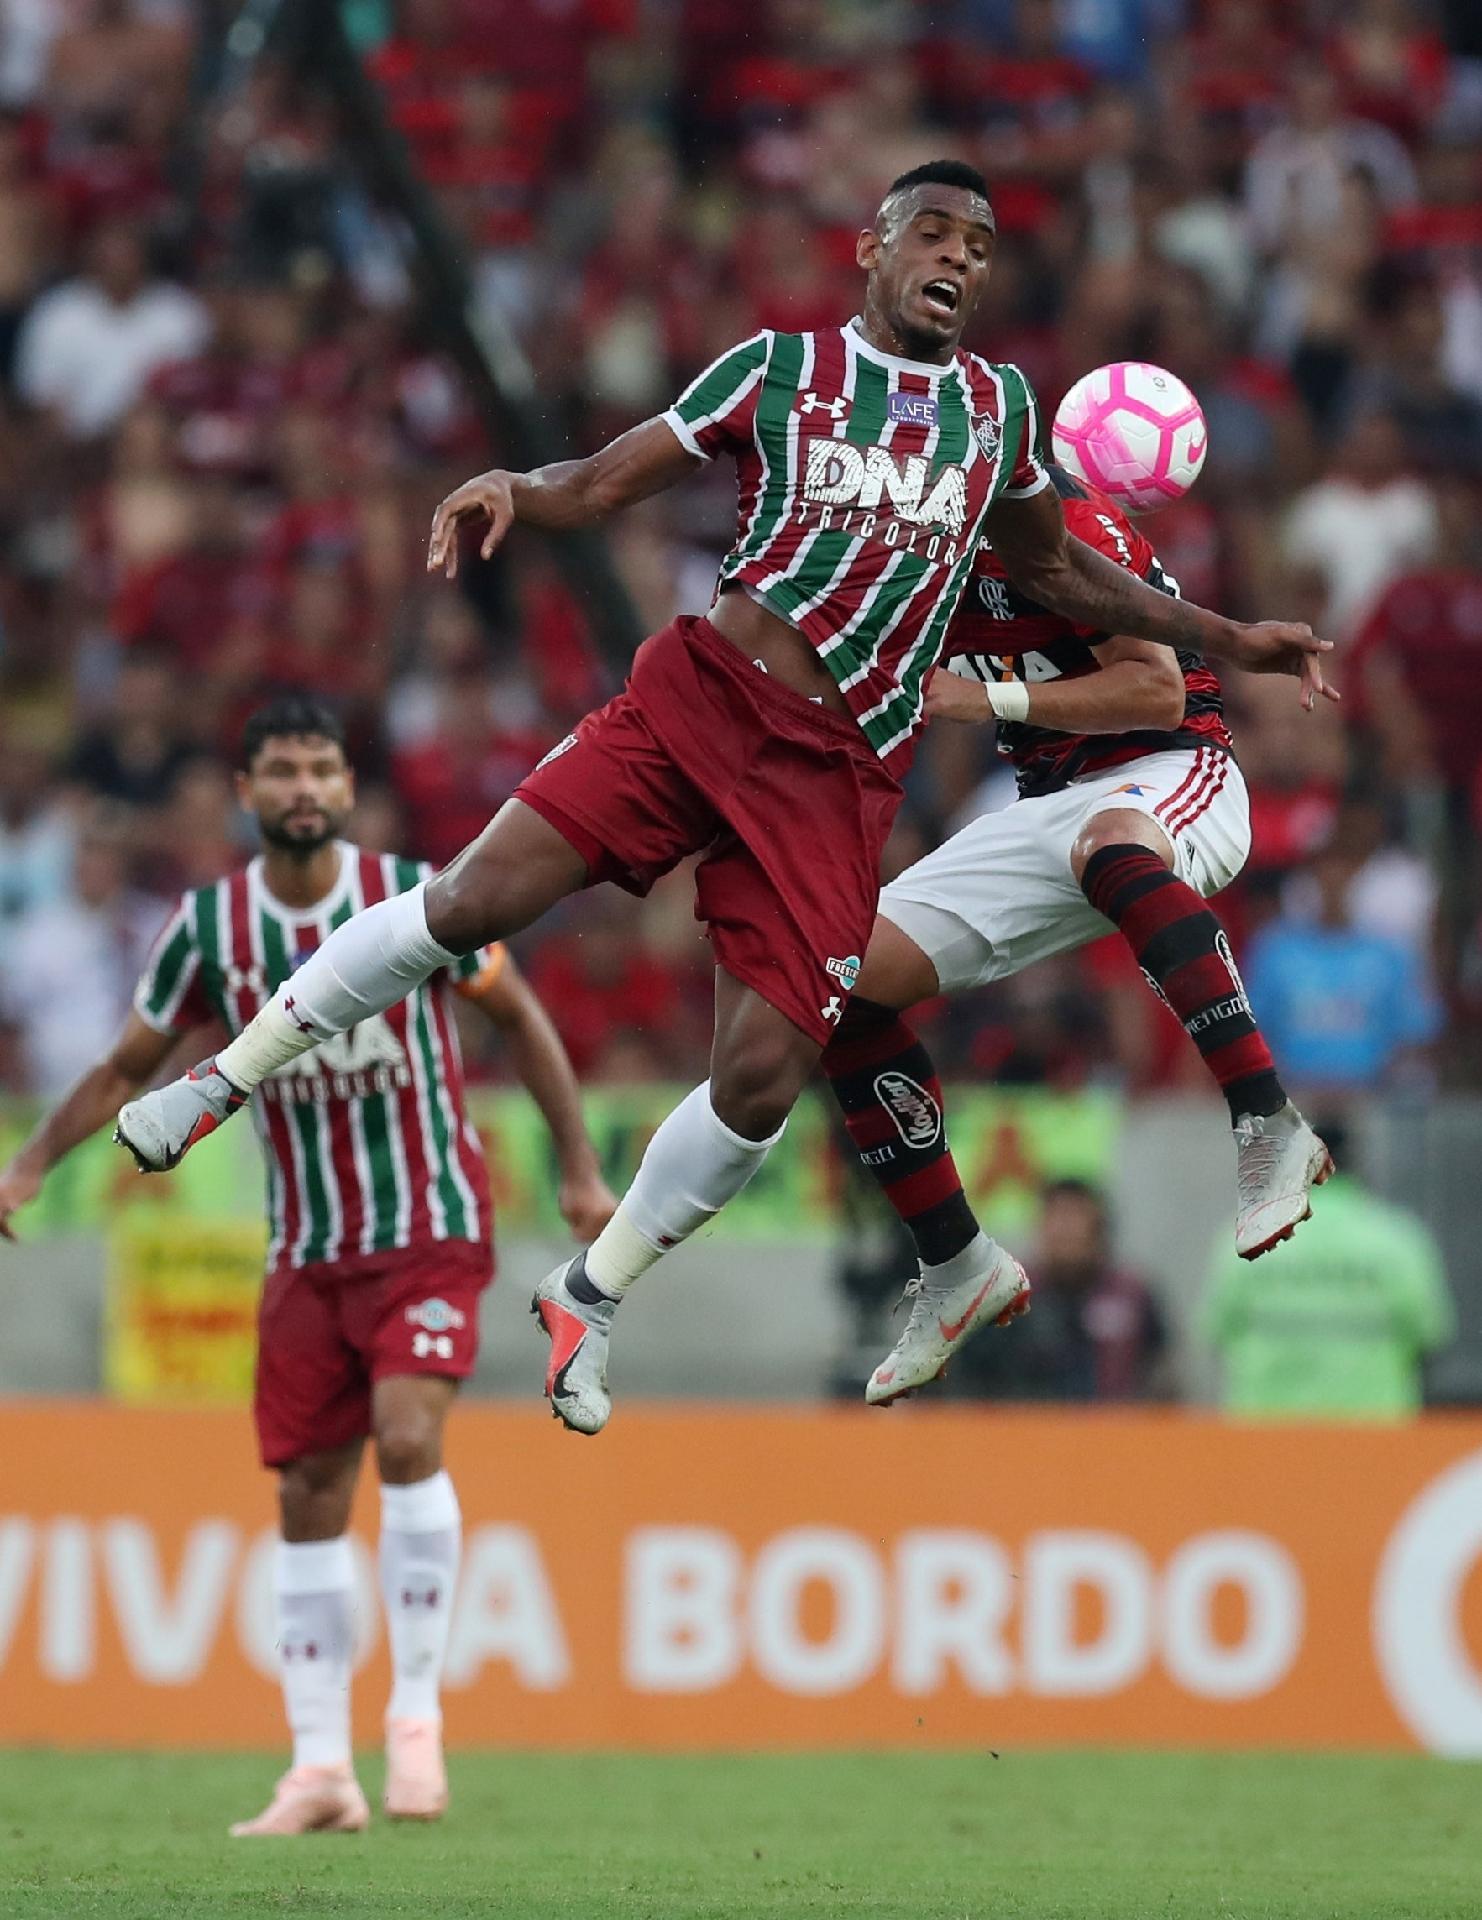 Digão, do Fluminense, em ação durante clássico contra o Flamengo